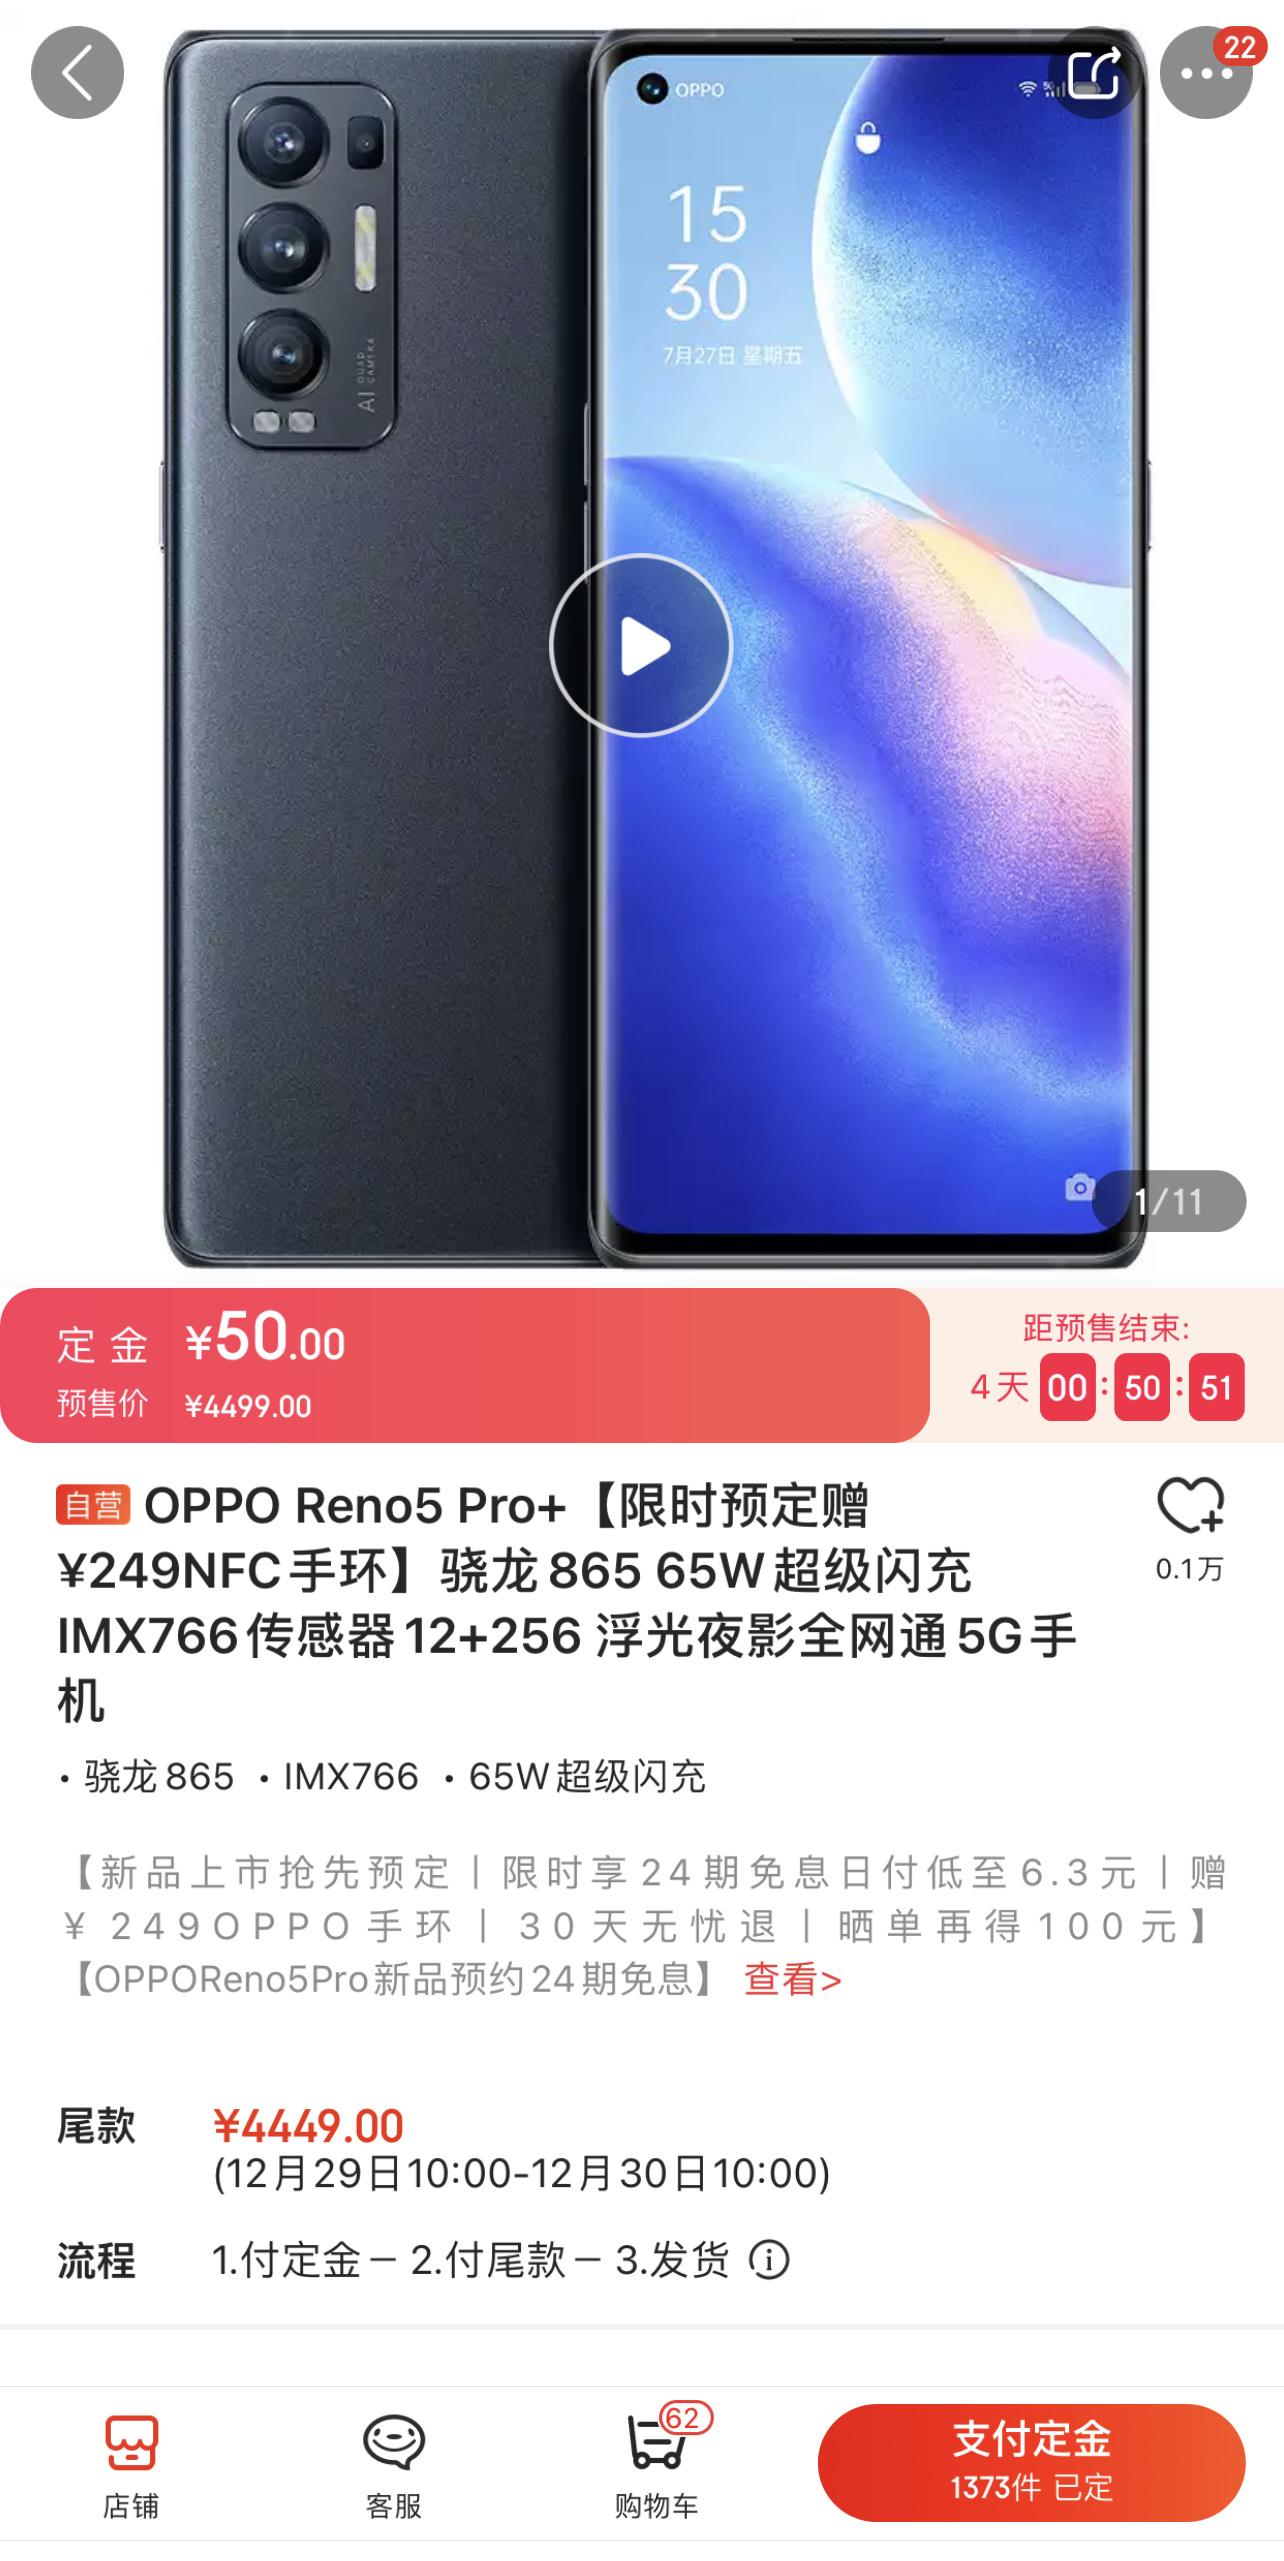 Reno5 Pro+预约不及小米11零头,经销商:OPPO仅剩品牌效应